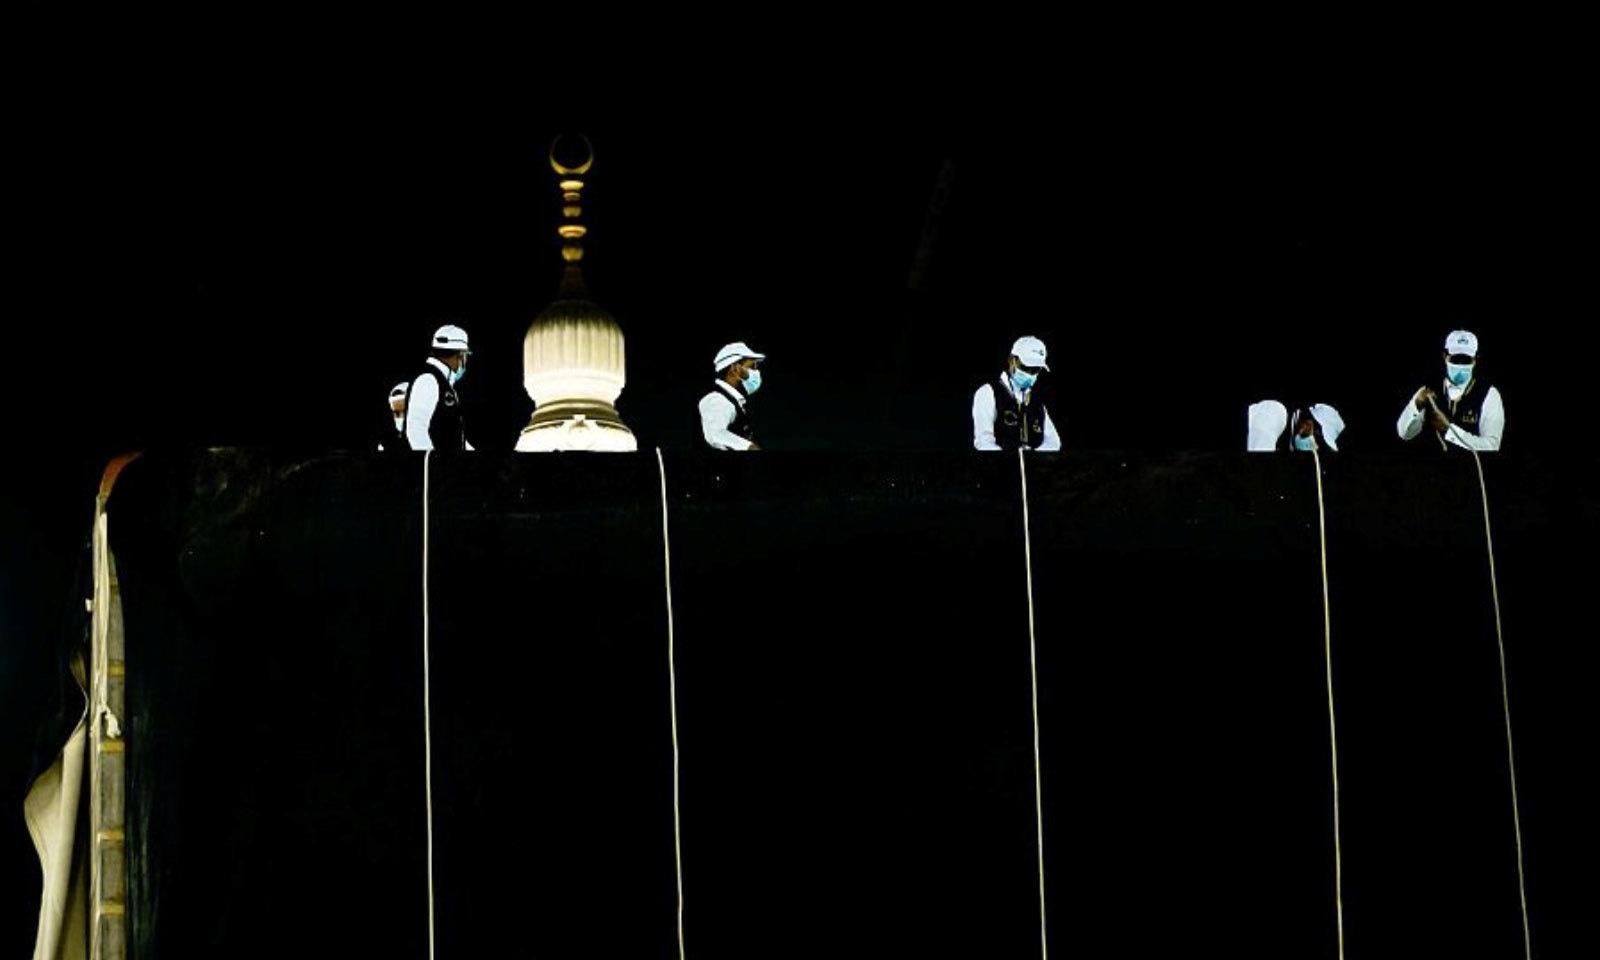 غلاف کعبہ کی تیاری میں120 کلو گرام سونے اور100 کلوگرام چاندی کے تار استعمال ہوتے ہیں—فوٹو: رائٹرز